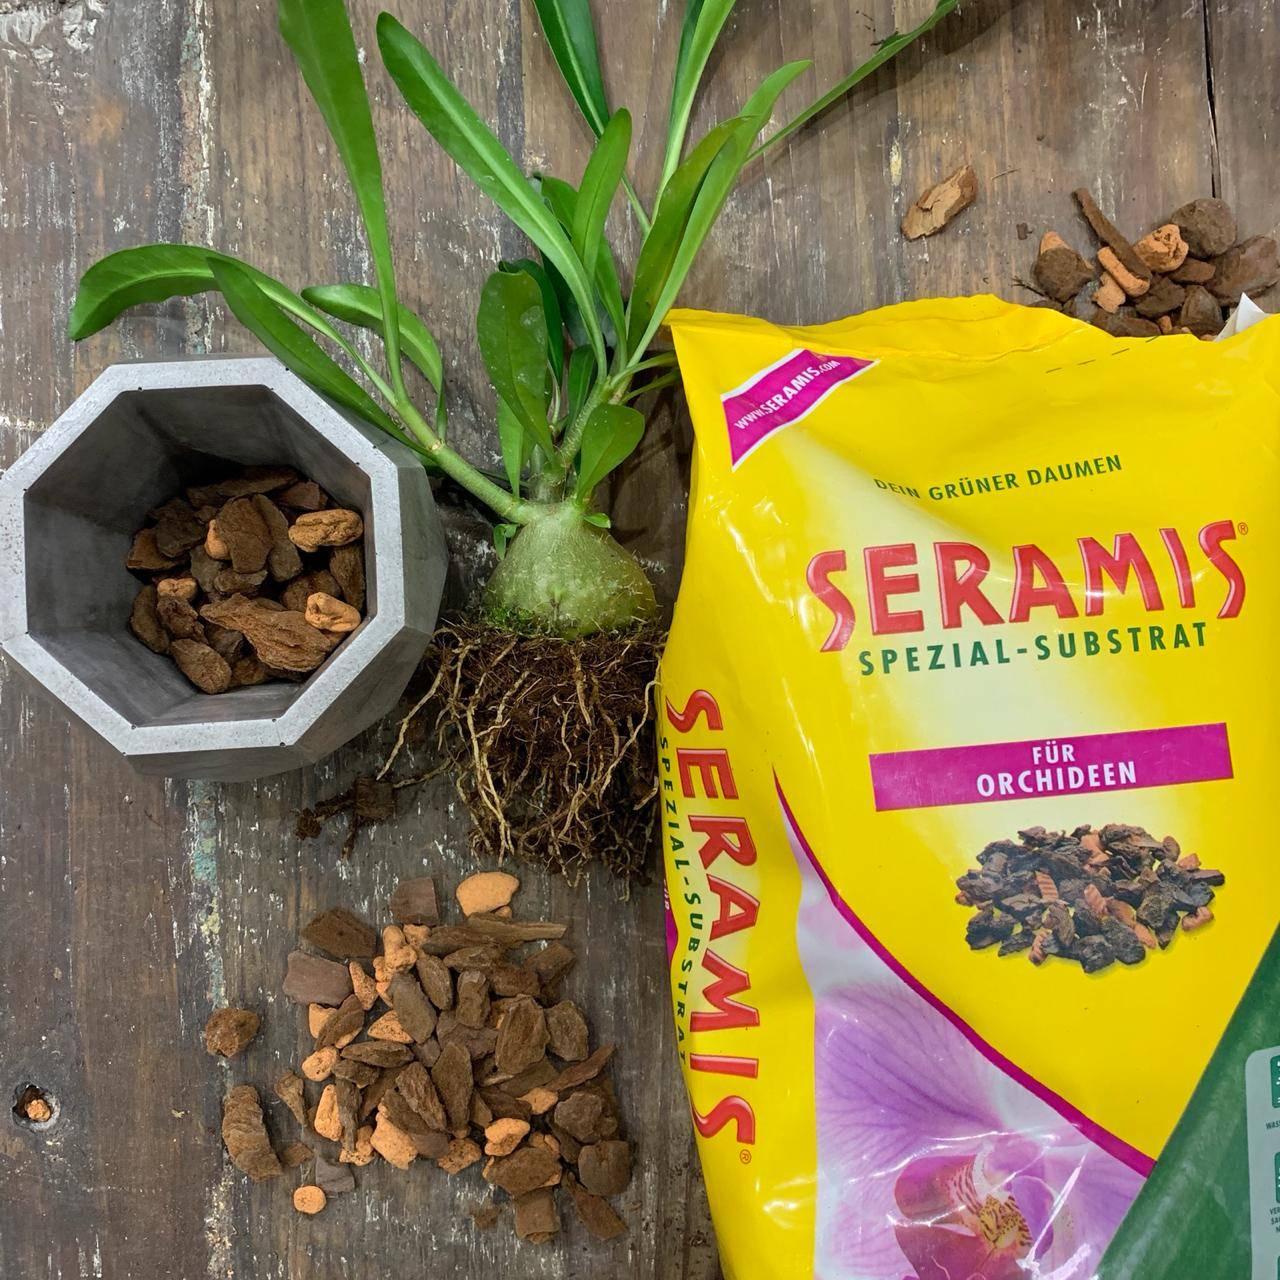 Серамис для орхидей: что это такое, каковы плюсы и минусы, состав, как проводить выращивание цветов в данном субстрате? русский фермер